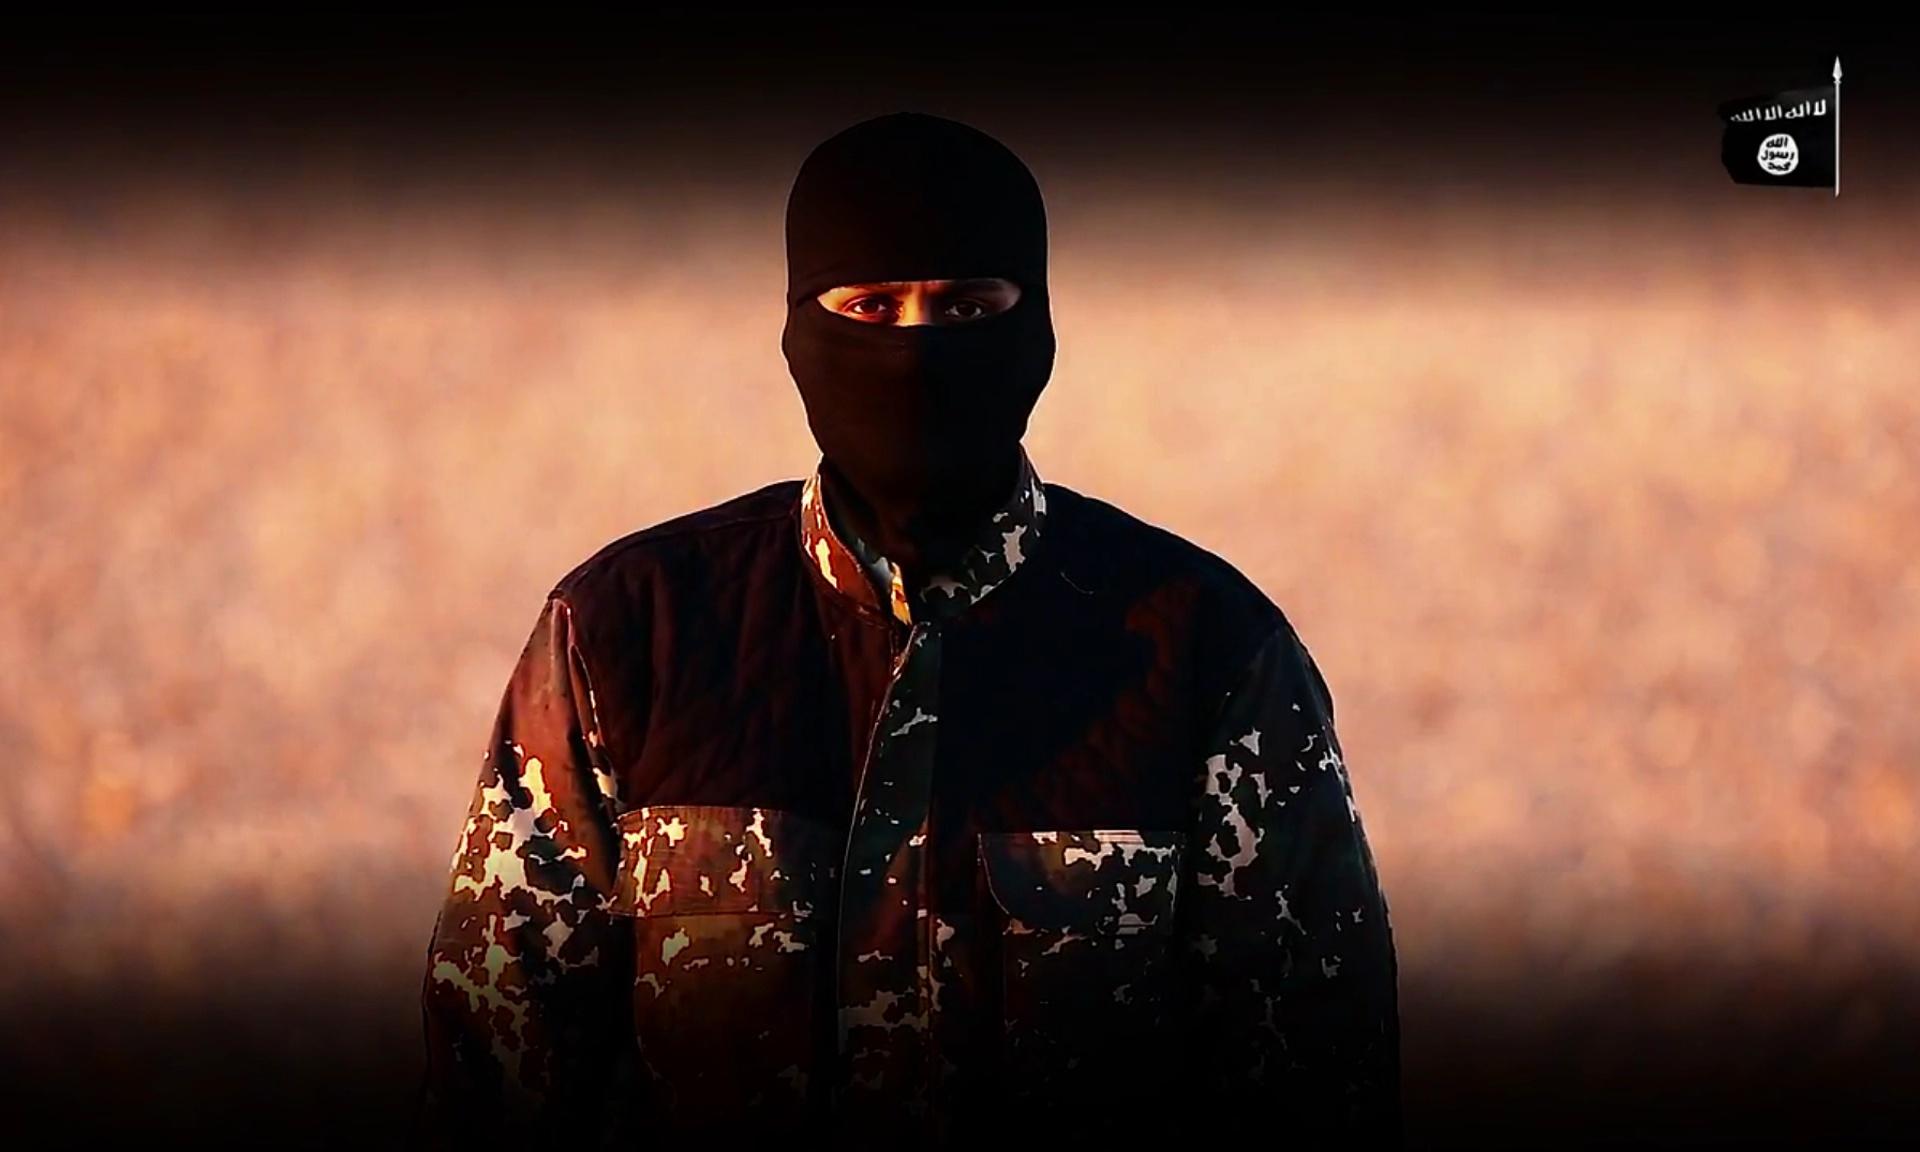 Magyar fiatalok az ISIS-hez menekültek volna a kilátástalan életükből